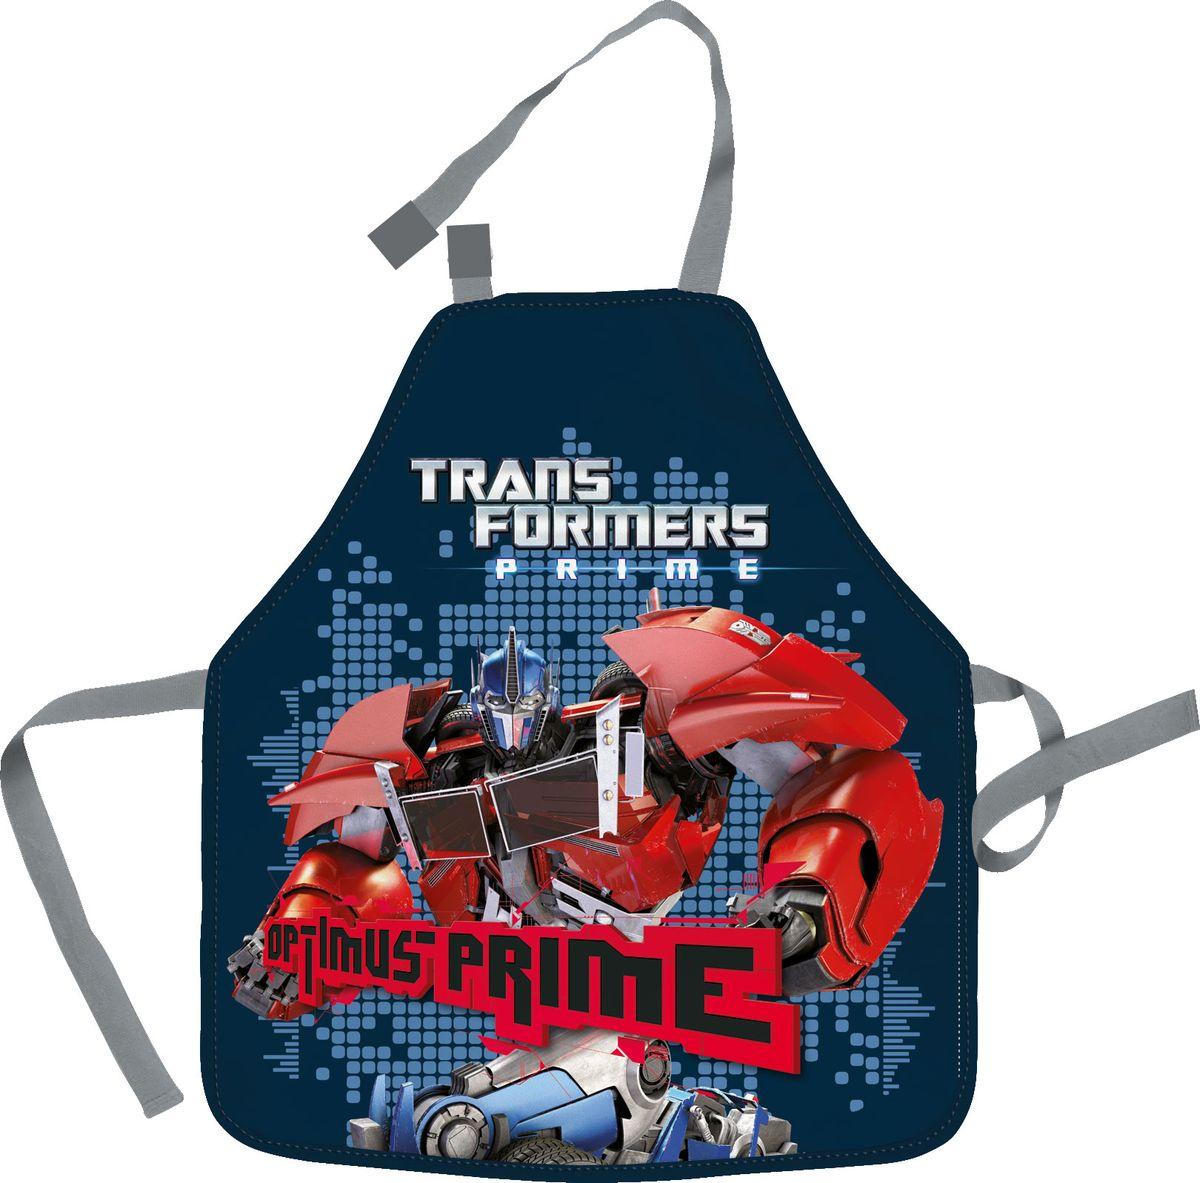 Transformers Фартук для труда с нарукавниками Optimus Prime